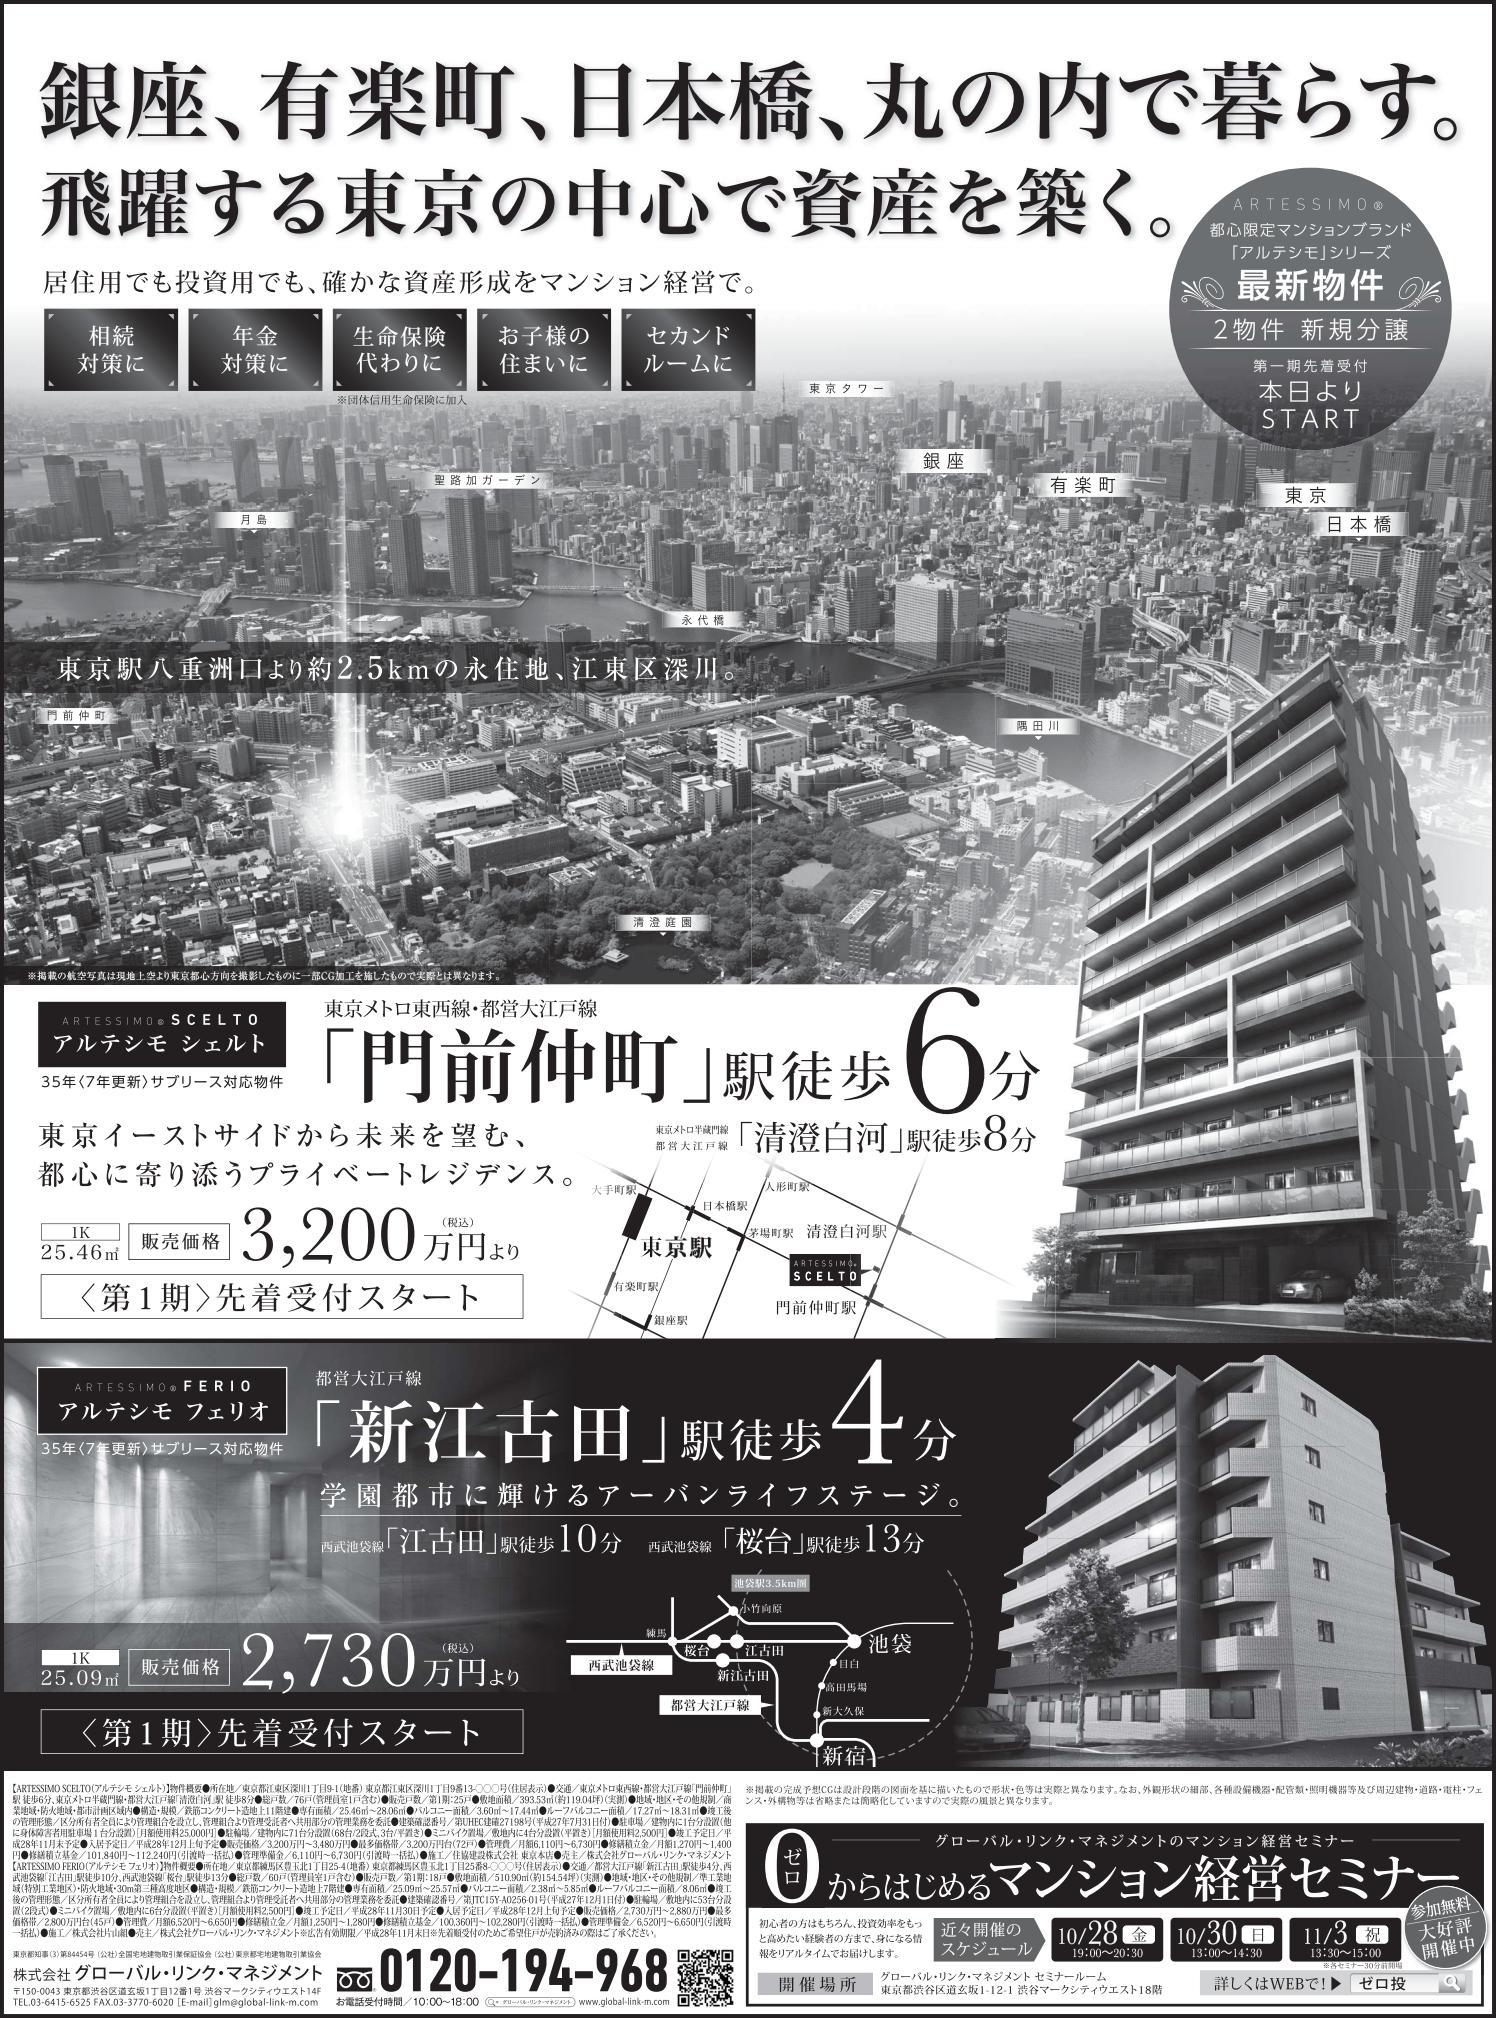 【10月27日(水)日経新聞朝刊掲載】 「アルテシモ シェルト 門前仲町駅より徒歩6分」分譲開始しました